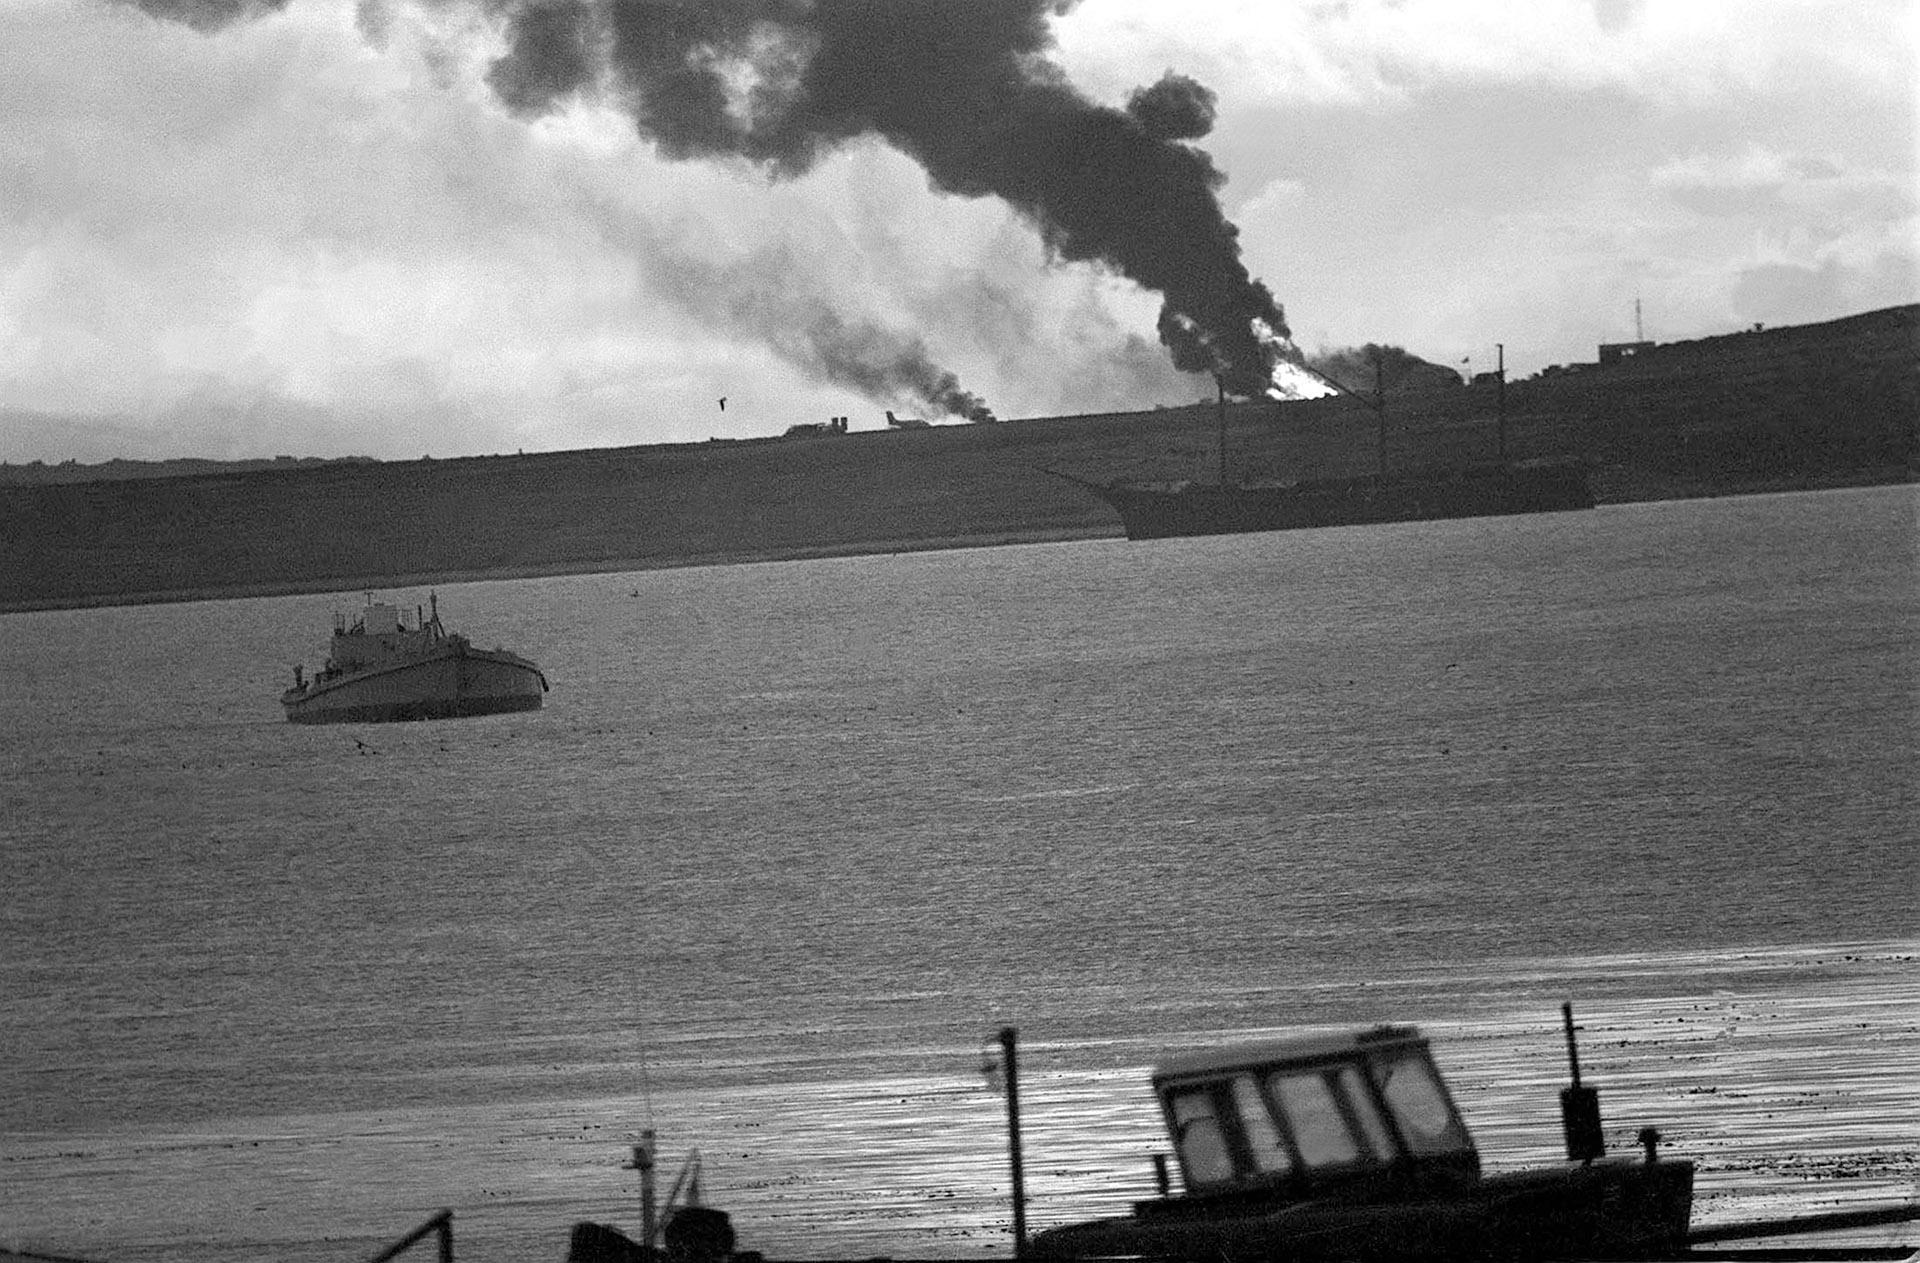 El fuego y el humo caen sobre la bahía. Las bombas inglesas buscaron destruir la pista del aeródromo. A lo lejos, un Pucará permanece ileso a sus efectos. La guerra mostraba su peor cara (Foto: Telam / Román von Eckstein)